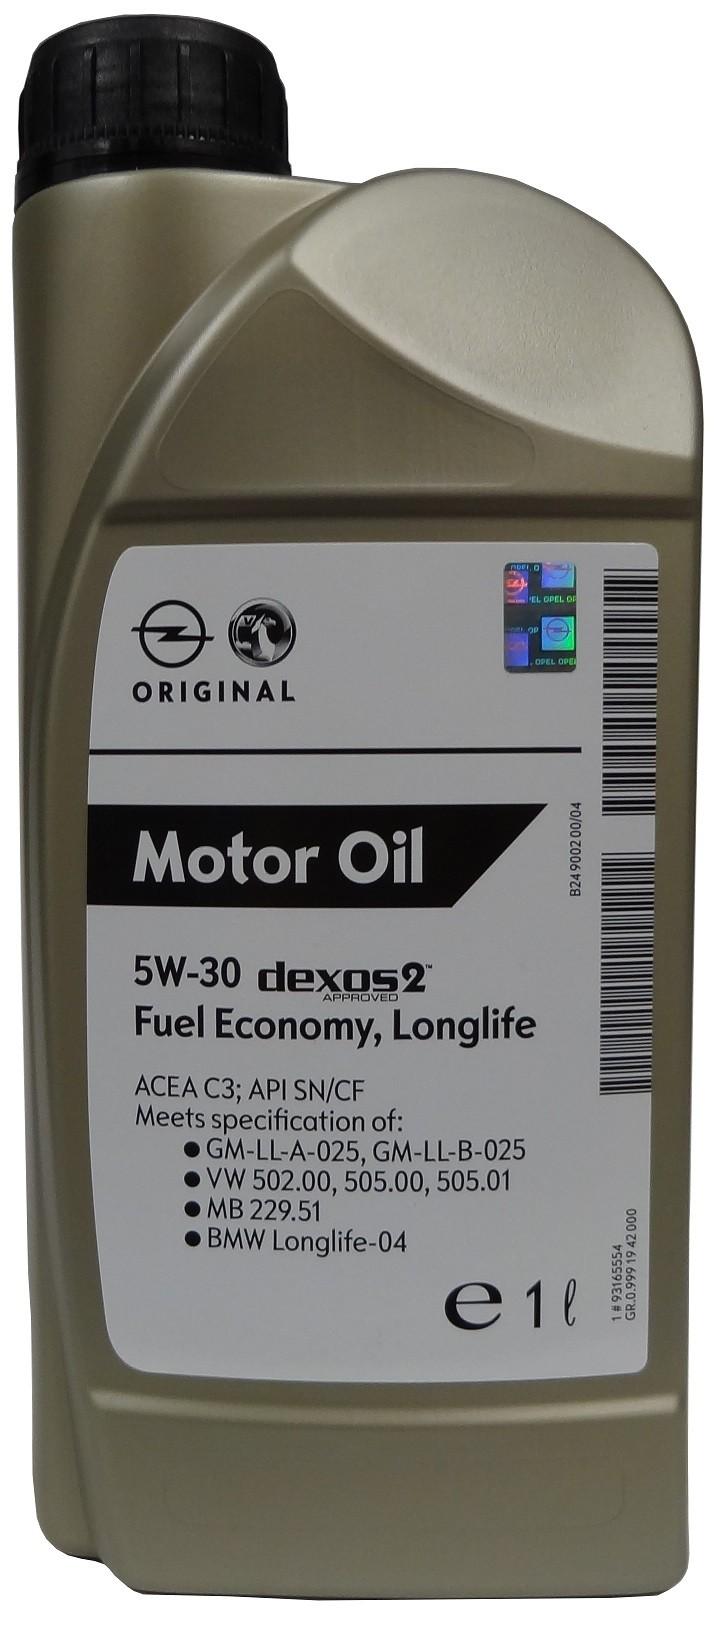 GM MOTOR OIL 5W-30 1L